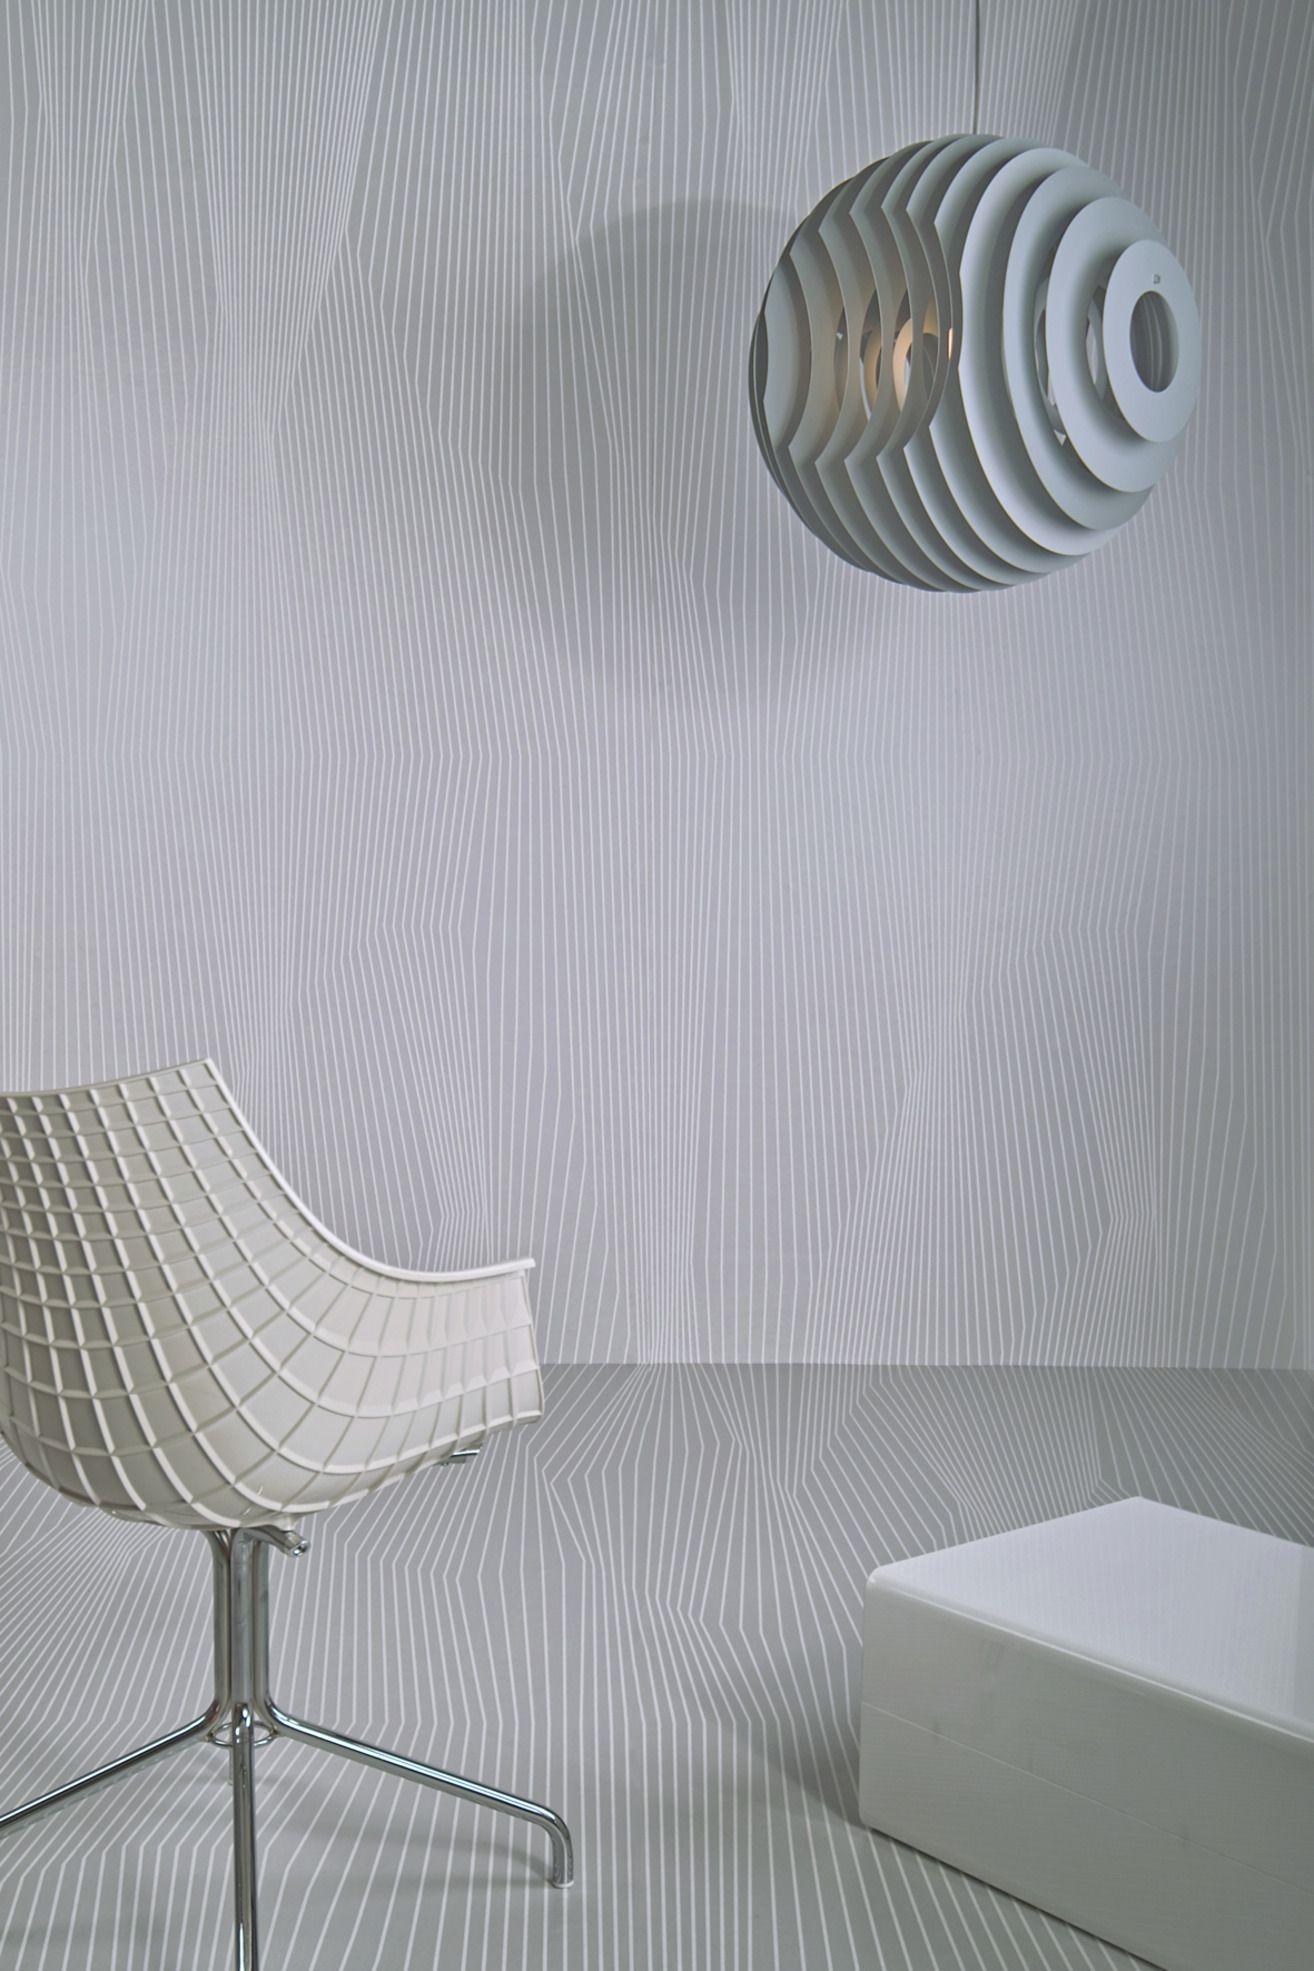 Raumbild Linear ganz grau klein | Vliesbehang | Pinterest ...